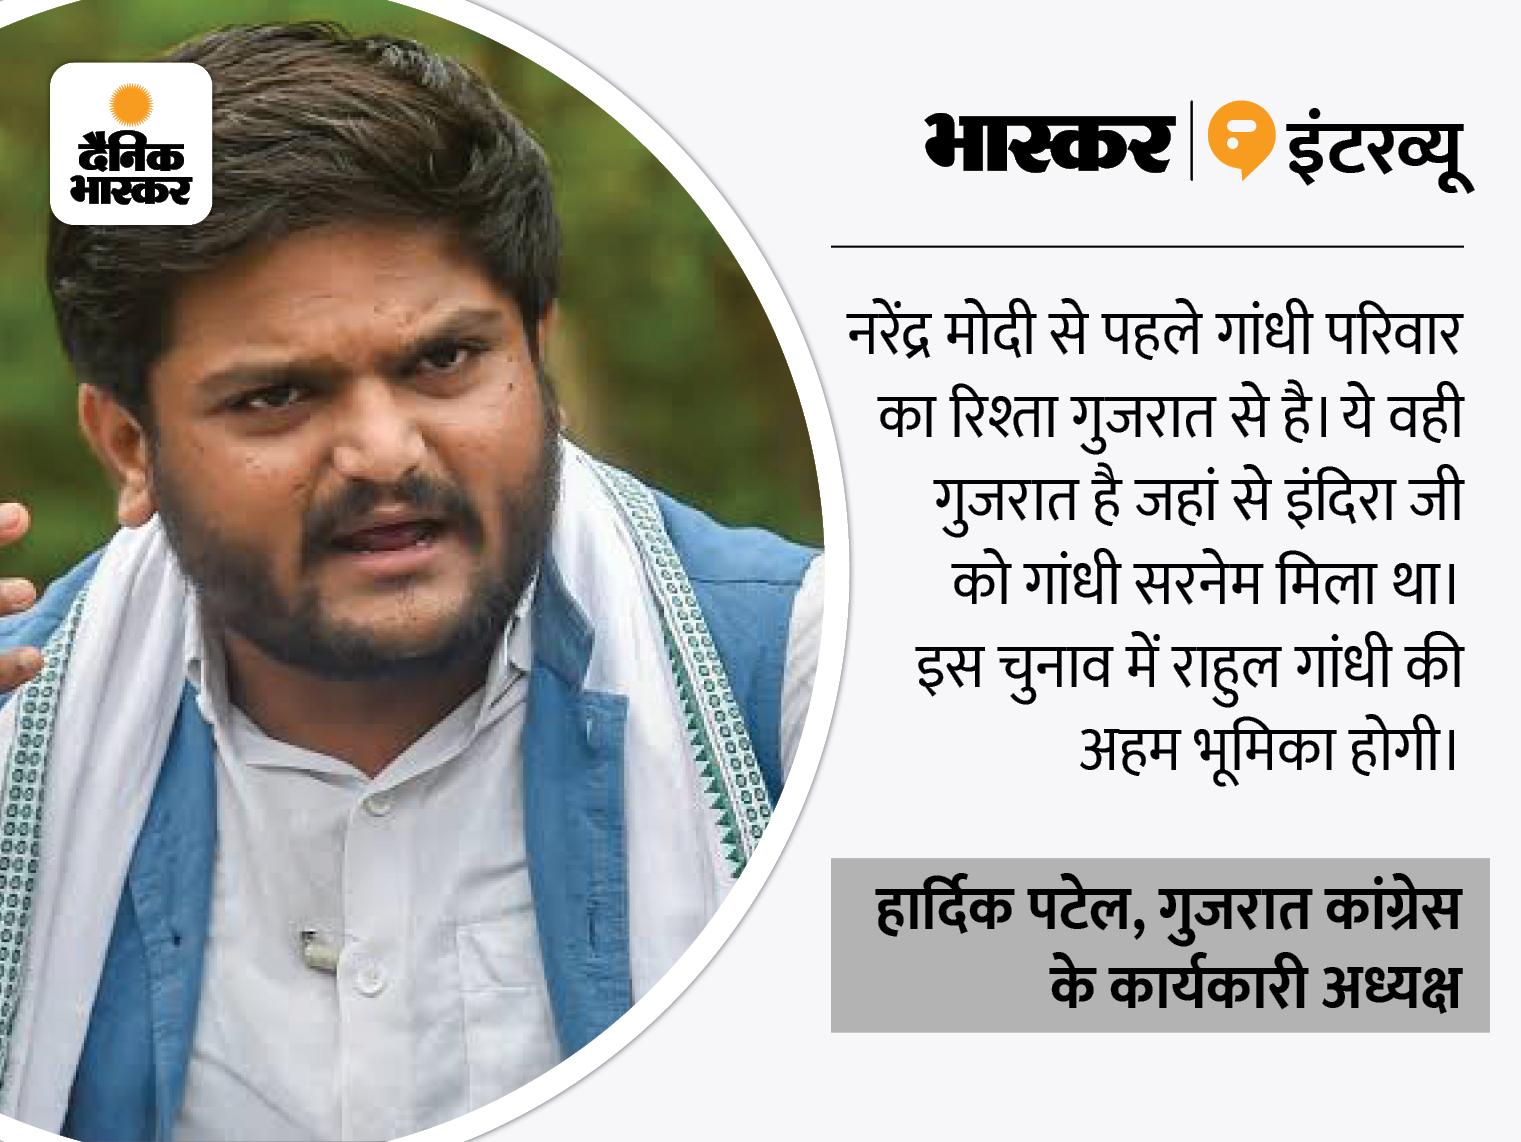 कहा- पटेल राजनीति से BJP सफल नहीं होने वाली, नए CM भूपेंद्र पटेल को दिल्ली का मुखौटा बताया DB ओरिजिनल,DB Original - Dainik Bhaskar